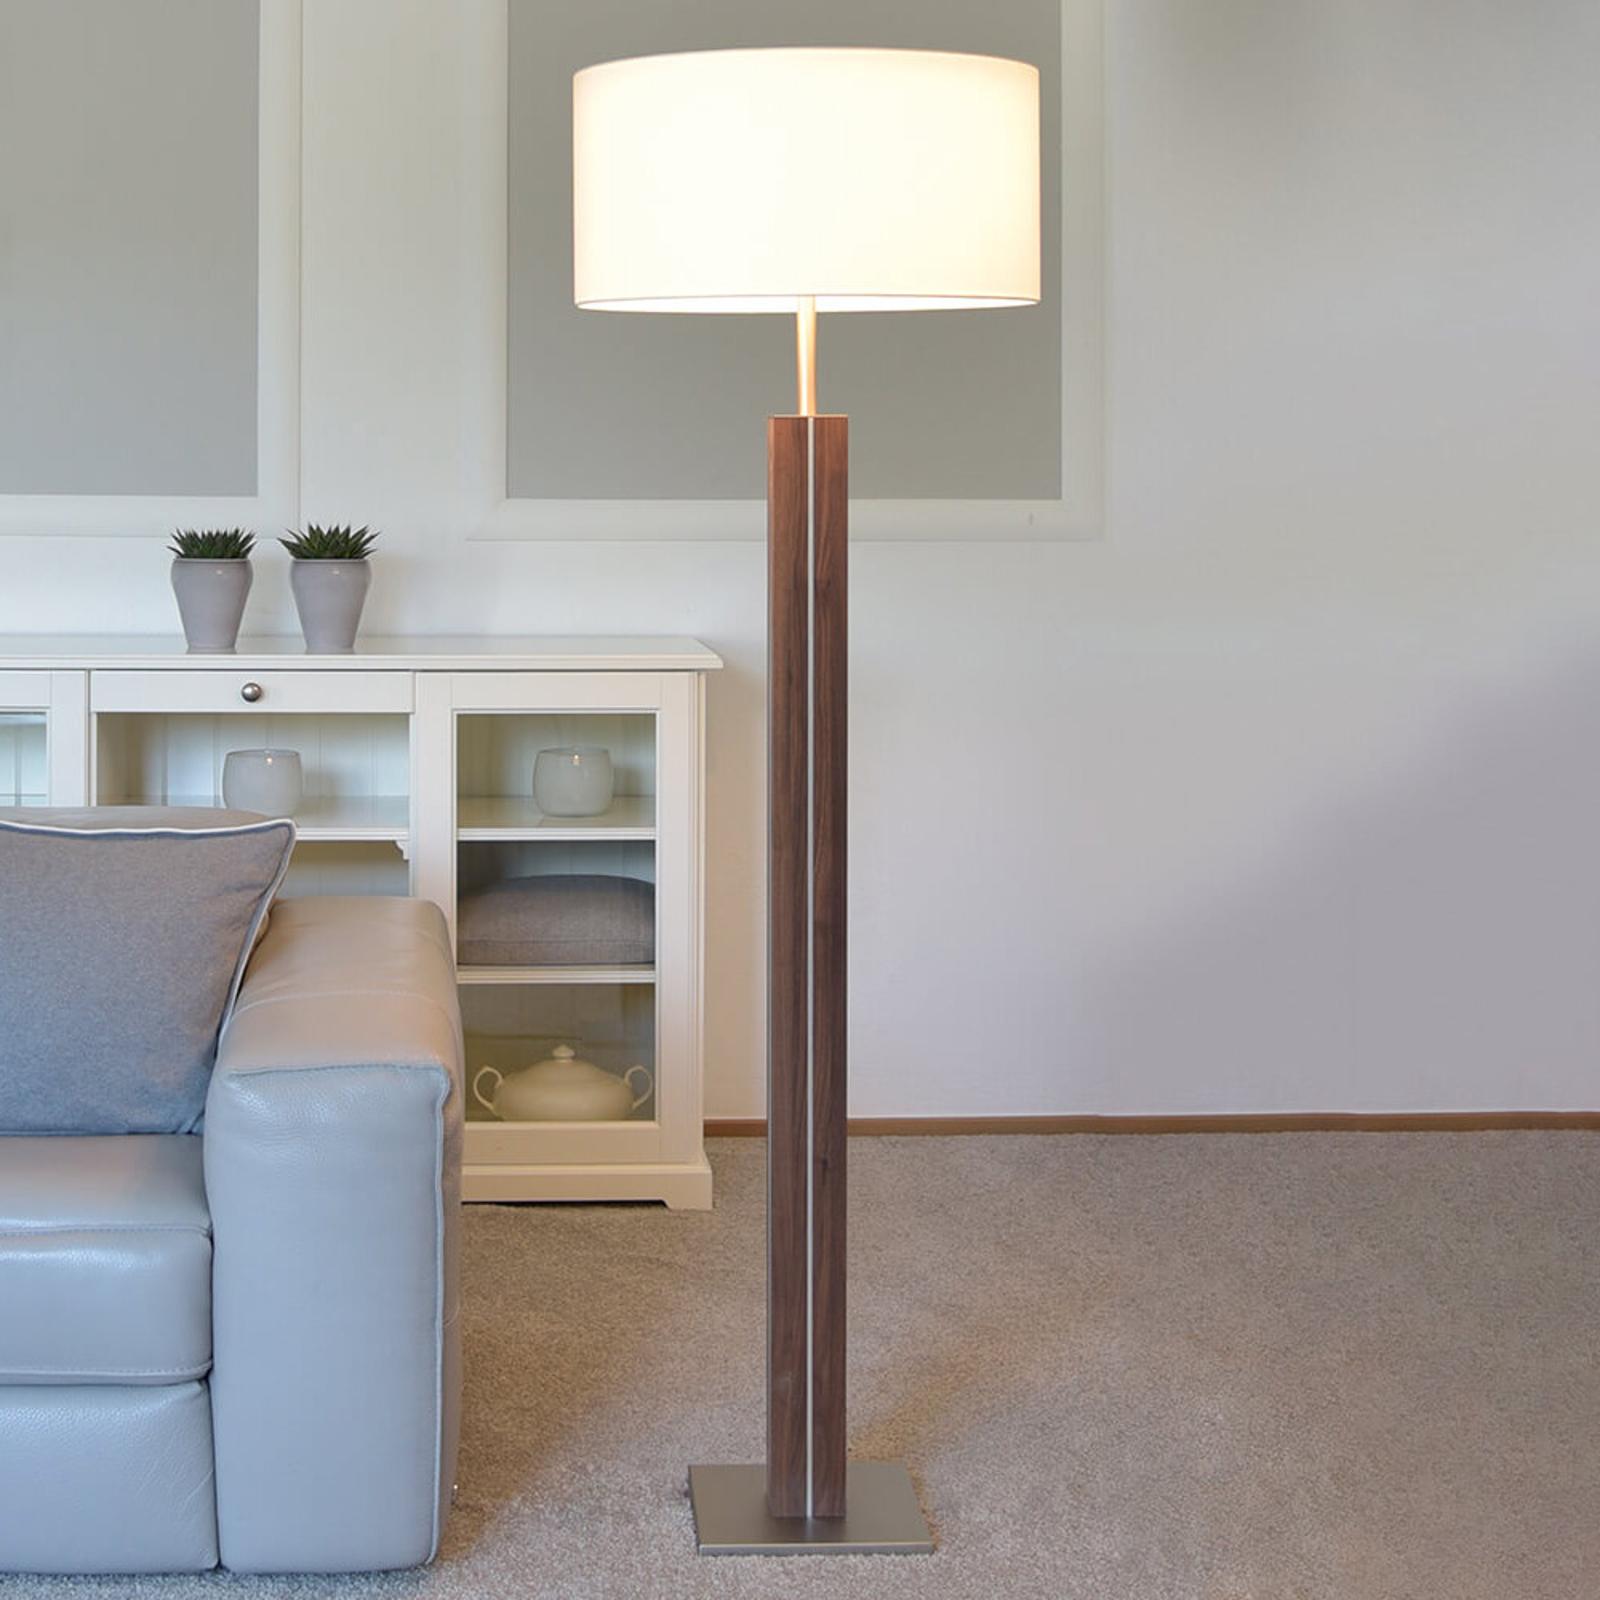 Lampa stojąca Dana, drewno orzechowe, biały klosz